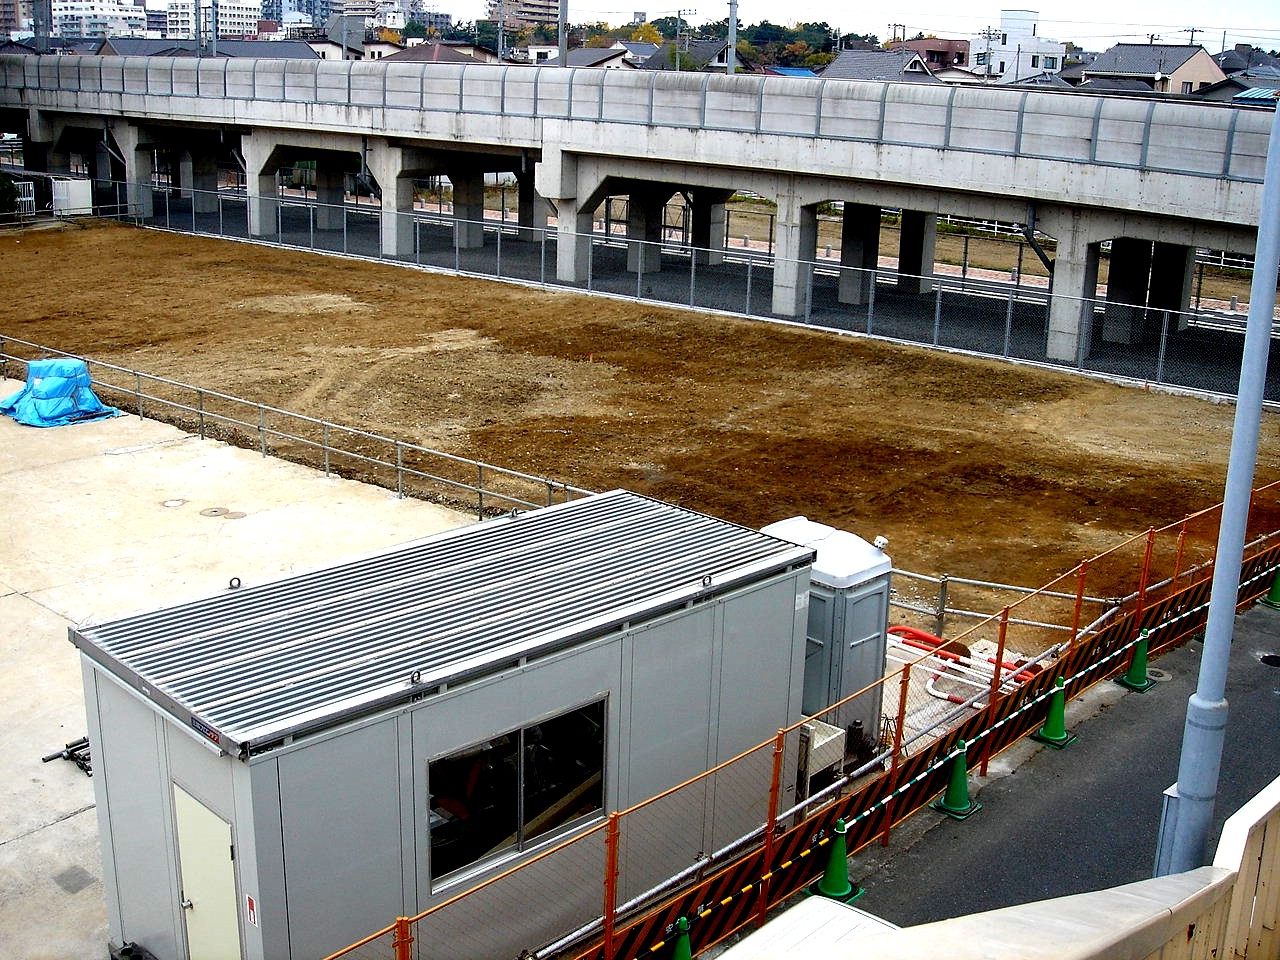 東京ベイ船橋ビビット2017-2016-2015-2014 : ユアサ・フナショク旧本社跡地@船橋市宮本(5)